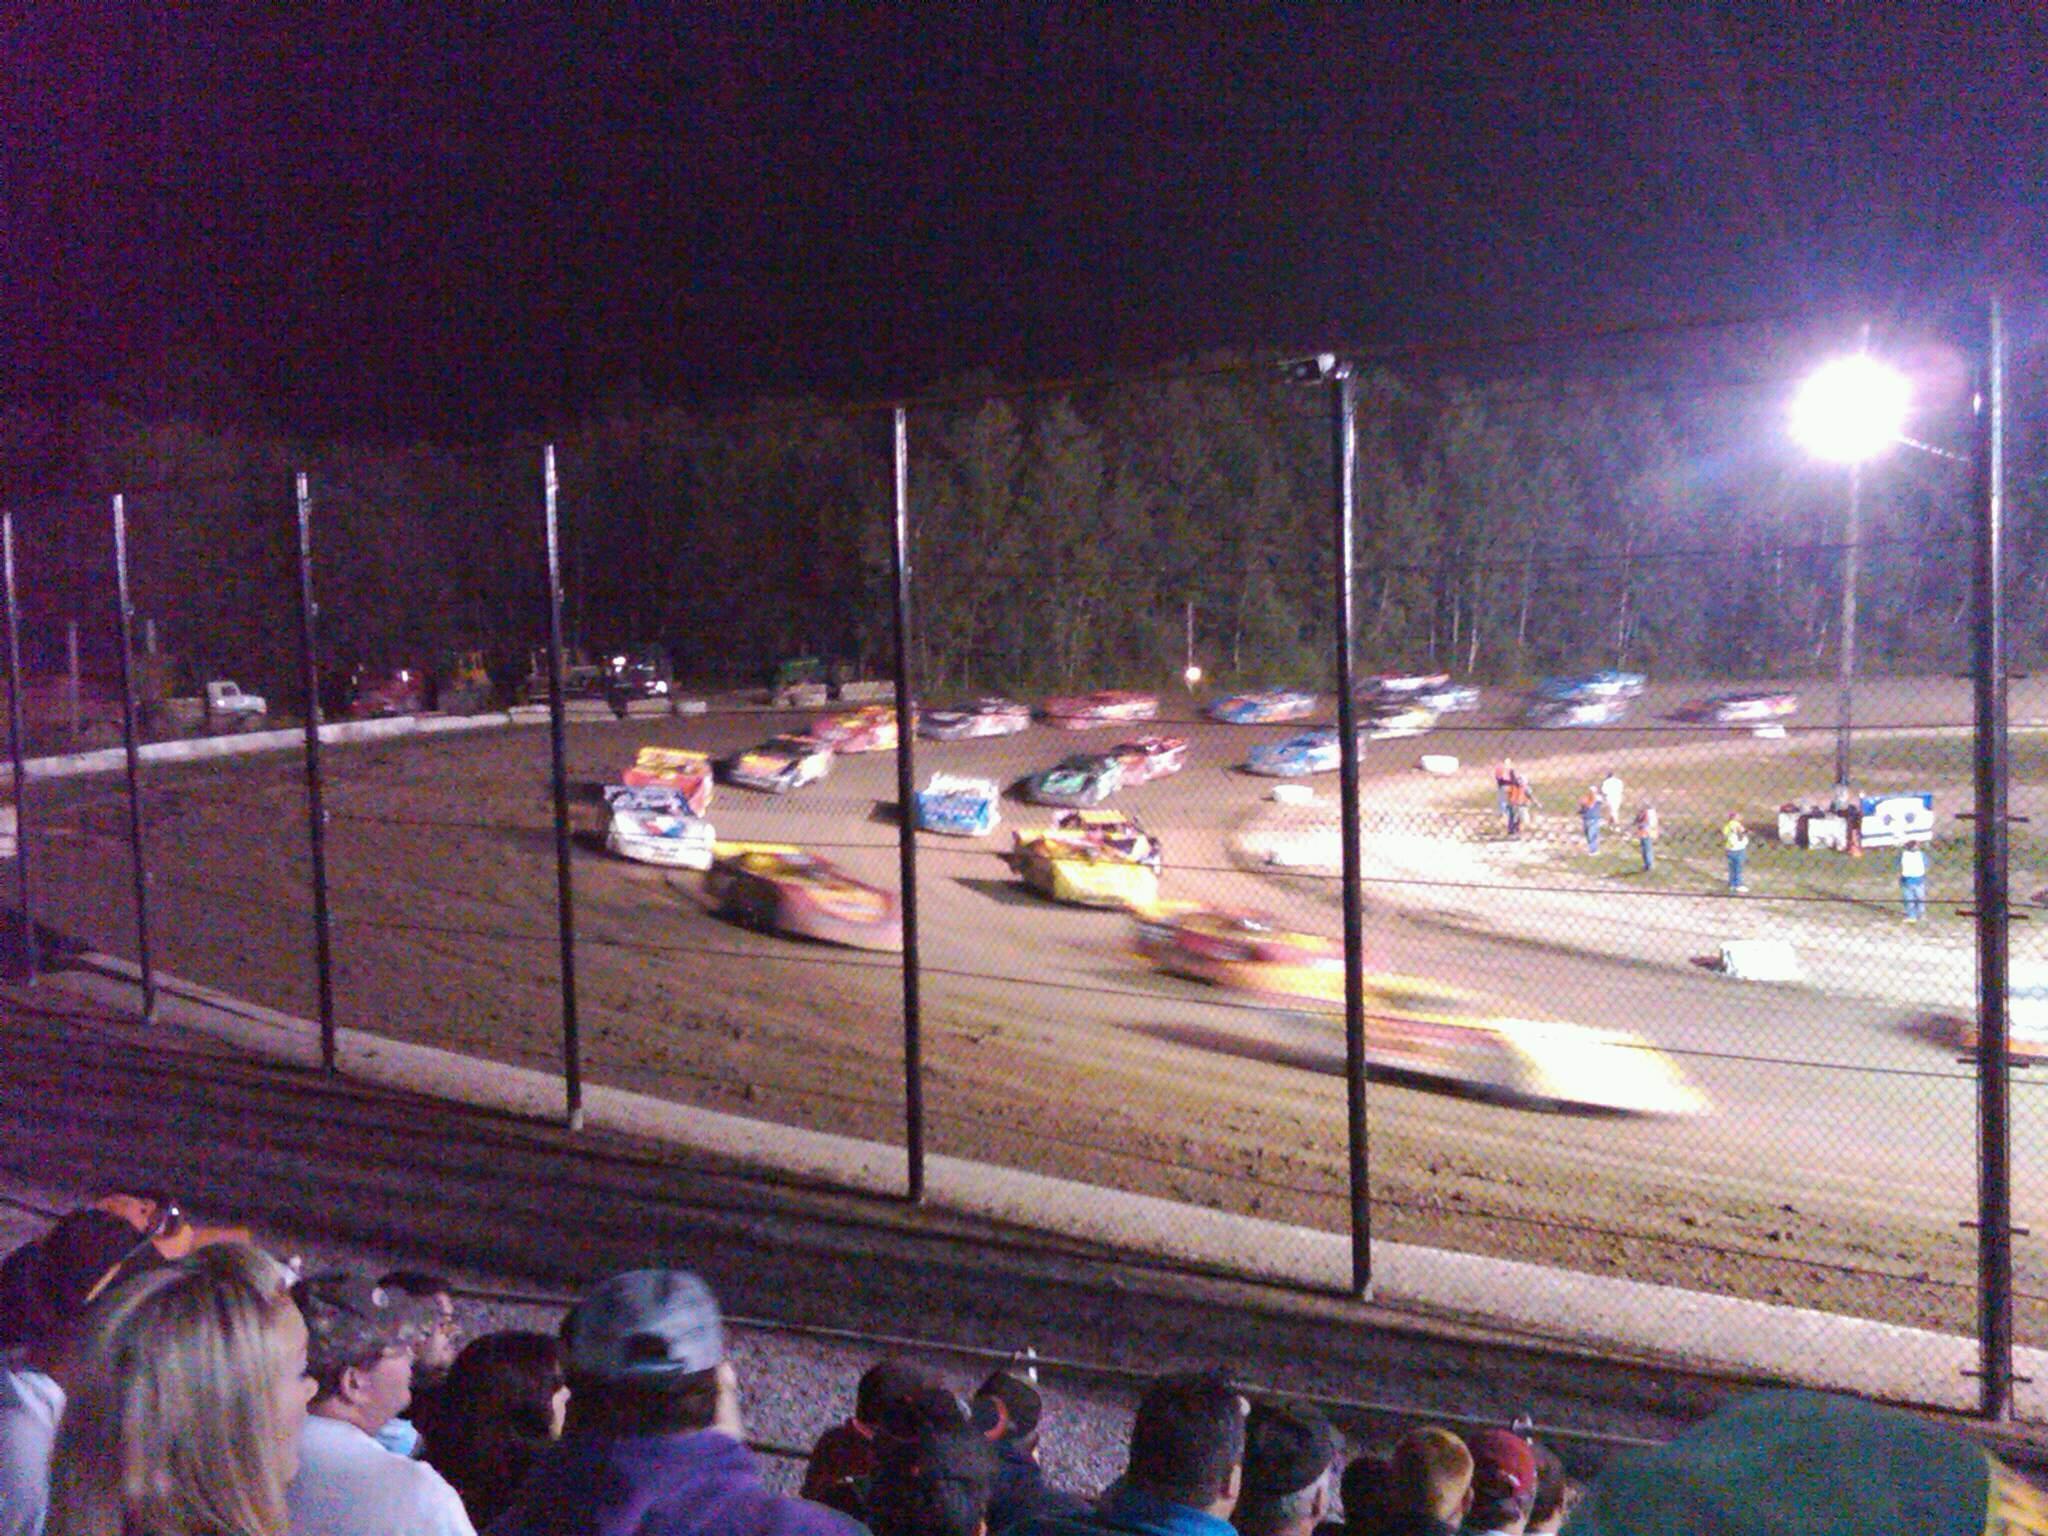 Brewerton Speedway Secção A Fila 6 Lugar 1